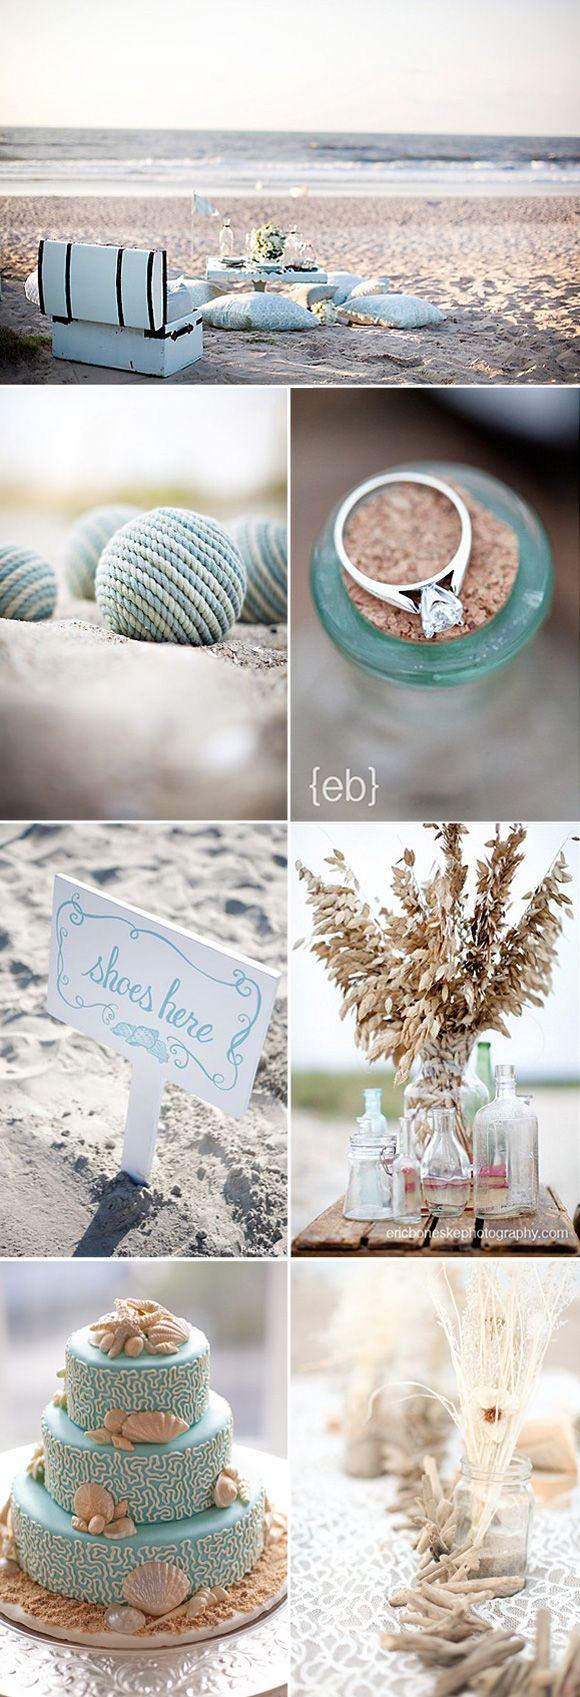 Relaxt picknicken op het strand. Misschien trouw je ook met je voeten in het zand?